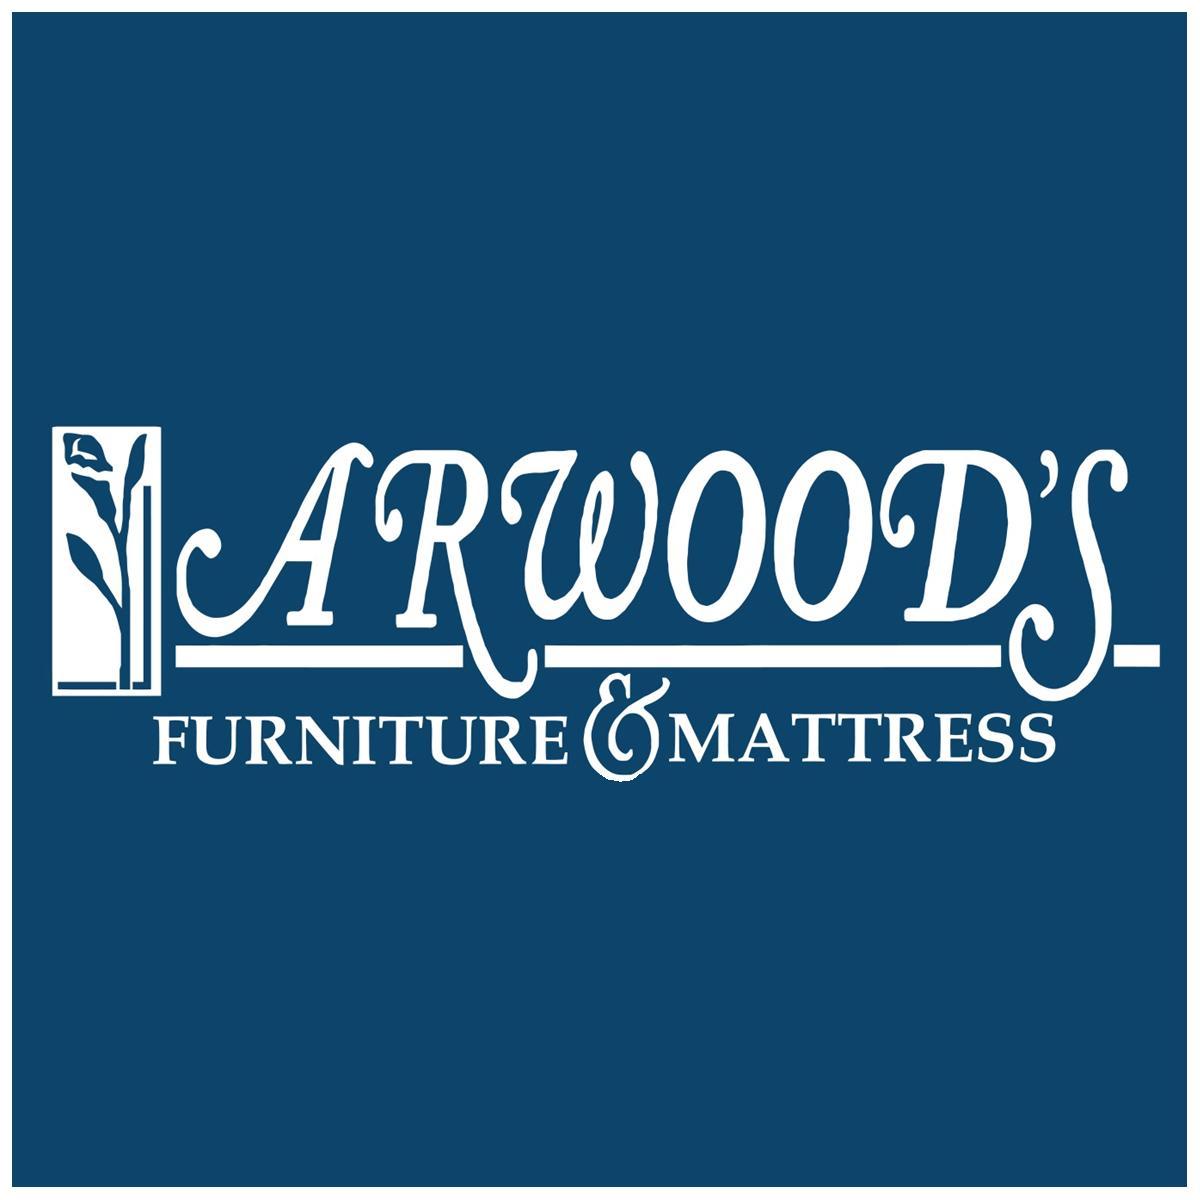 Arwood S Furniture Mattress